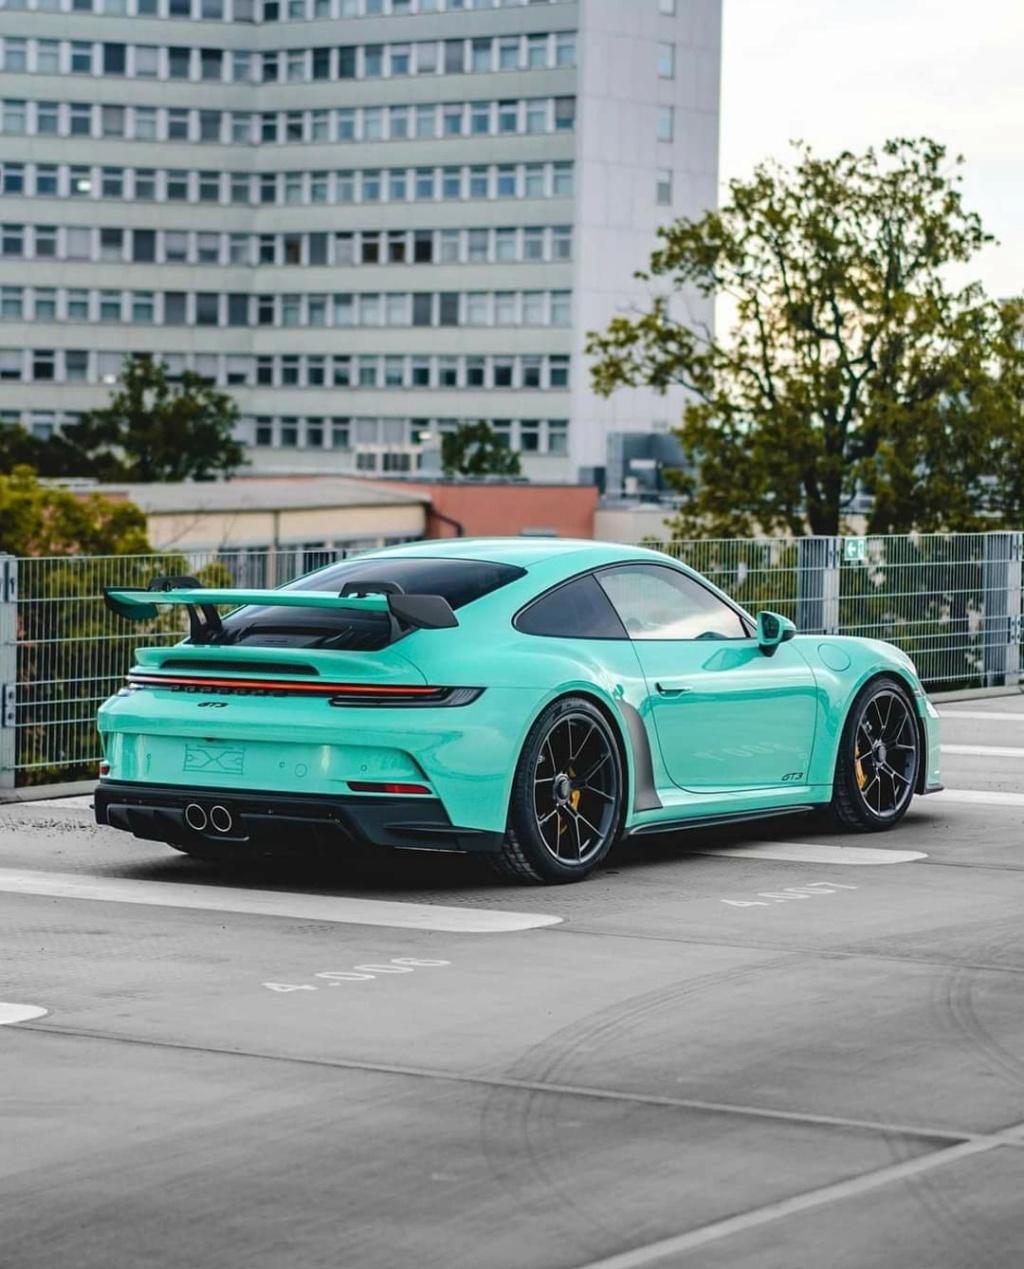 2018 - [Porsche] 911 - Page 24 Fb_im240